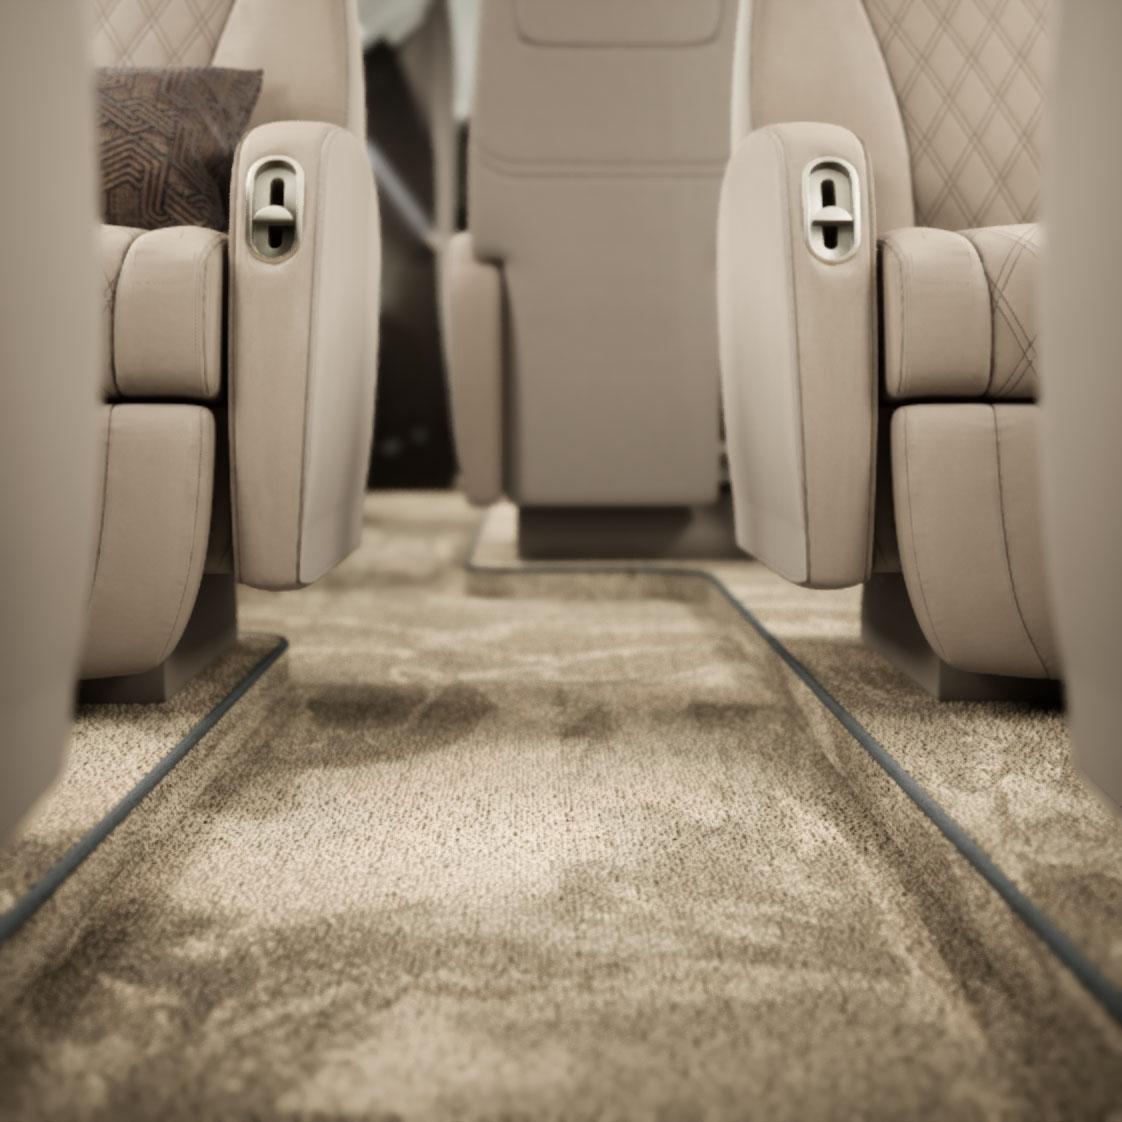 L650 - carpet detail